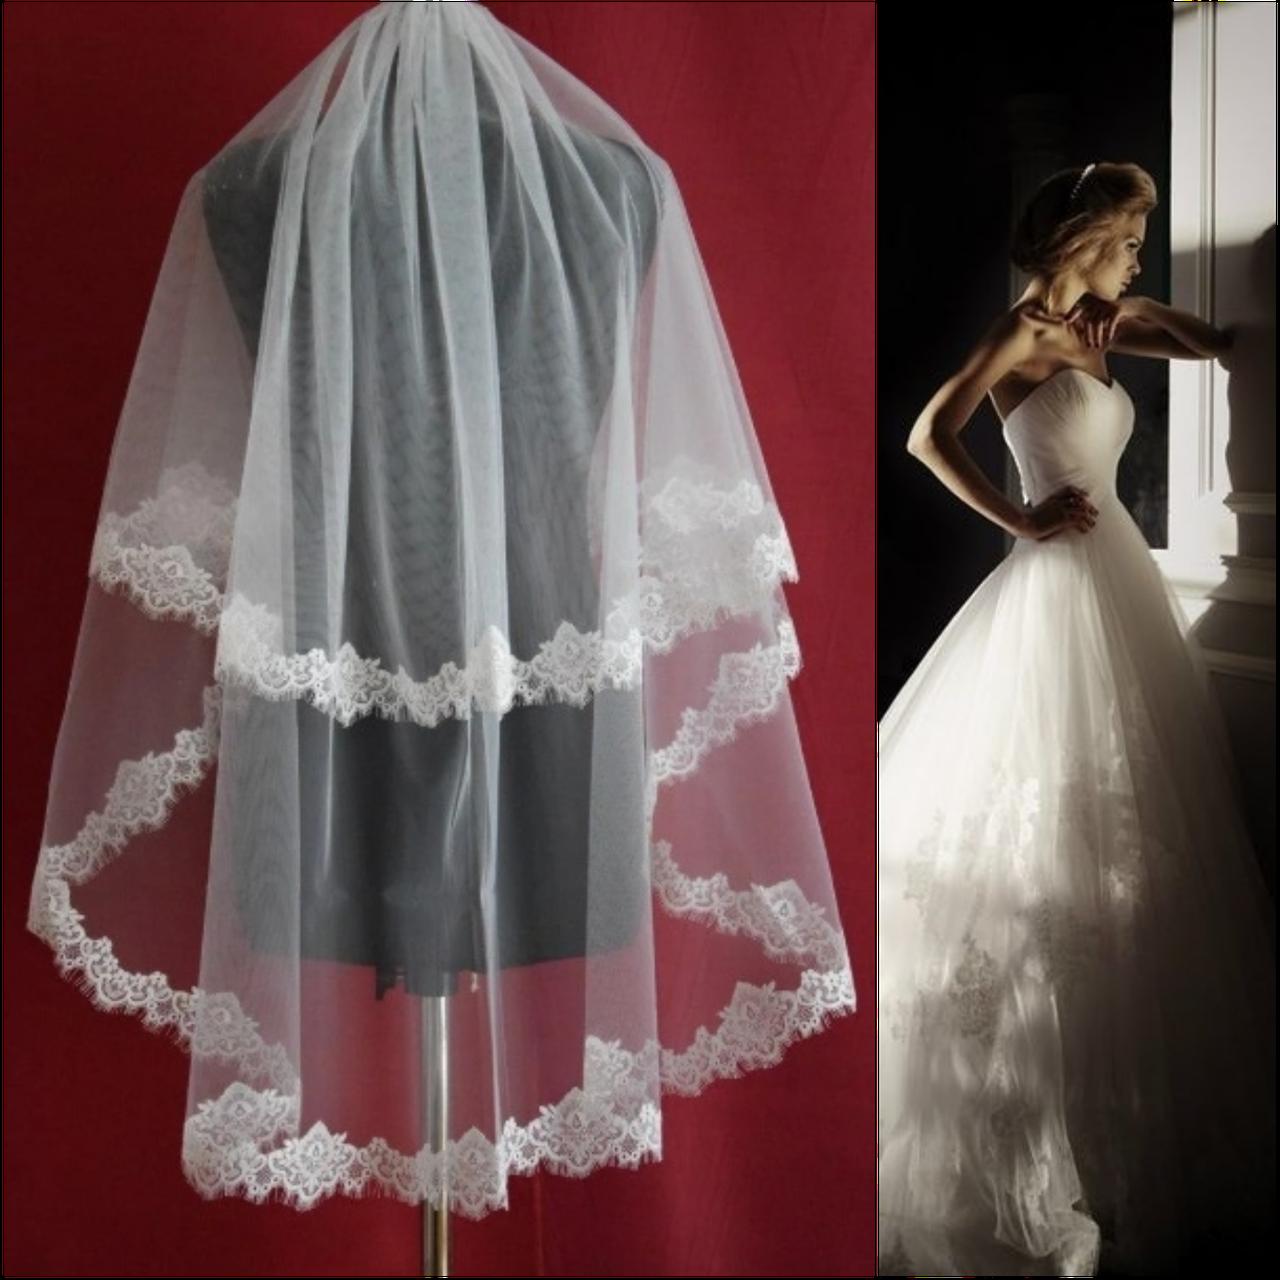 Вау! Кружевная удлиненная свадебная Фата SF для Невесты Белая/Айвори (sf-159)